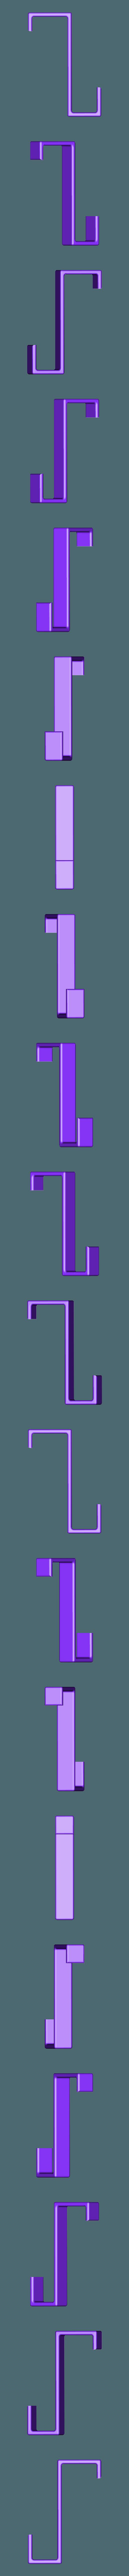 3Door_Hooks.STL Télécharger fichier STL gratuit Crochets de porte (10 tailles différentes) • Design pour impression 3D, Saeid